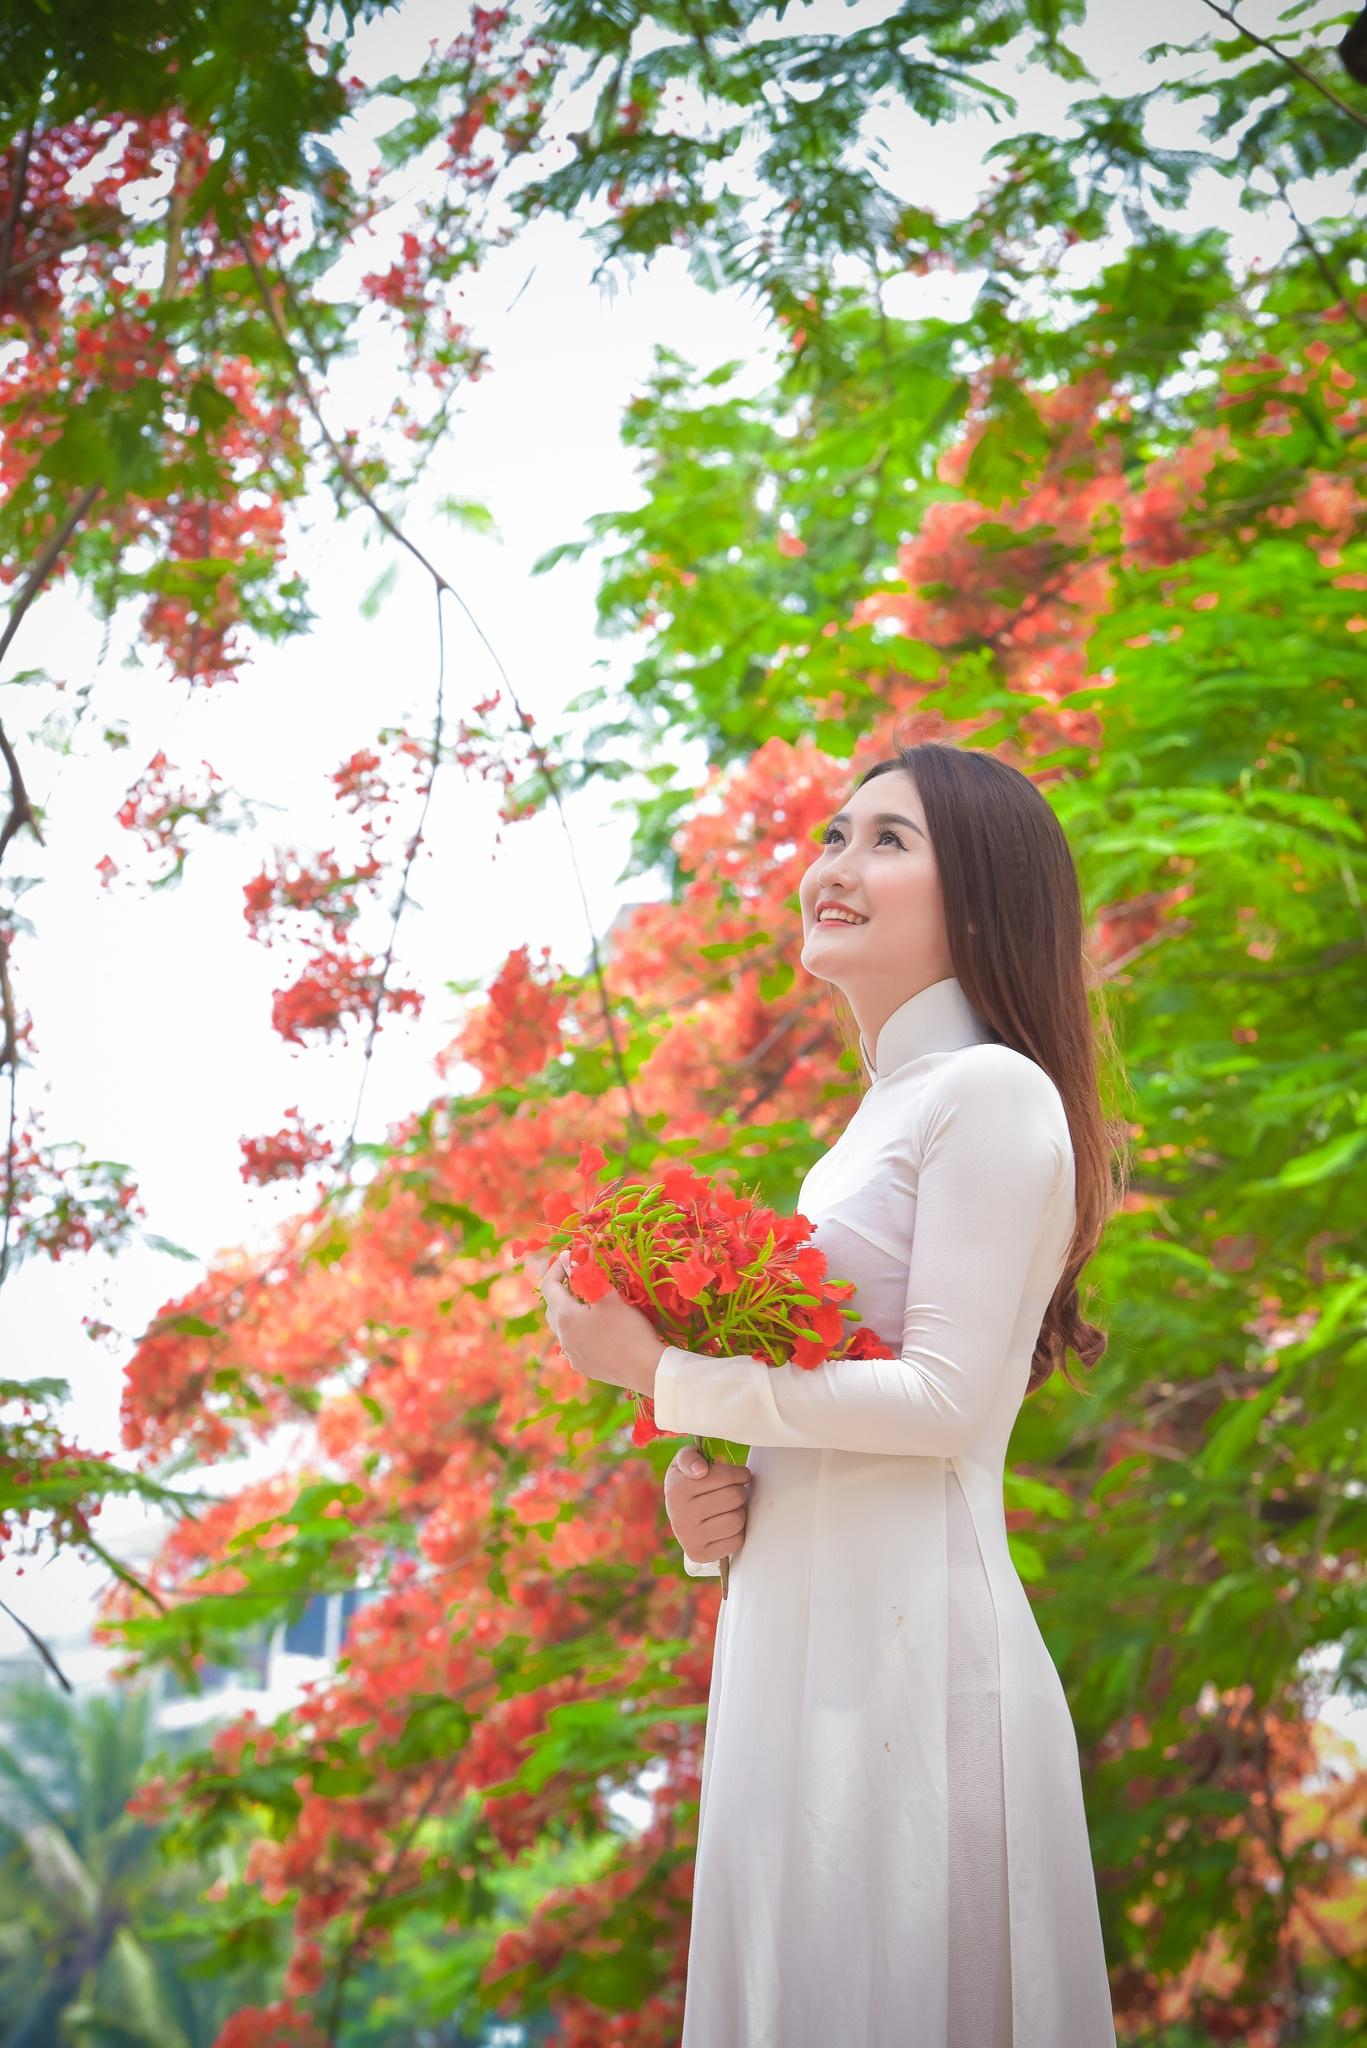 """Thiếu nữ Hà thành mơ màng bên hoa phượng """"rực cháy"""" - 5"""